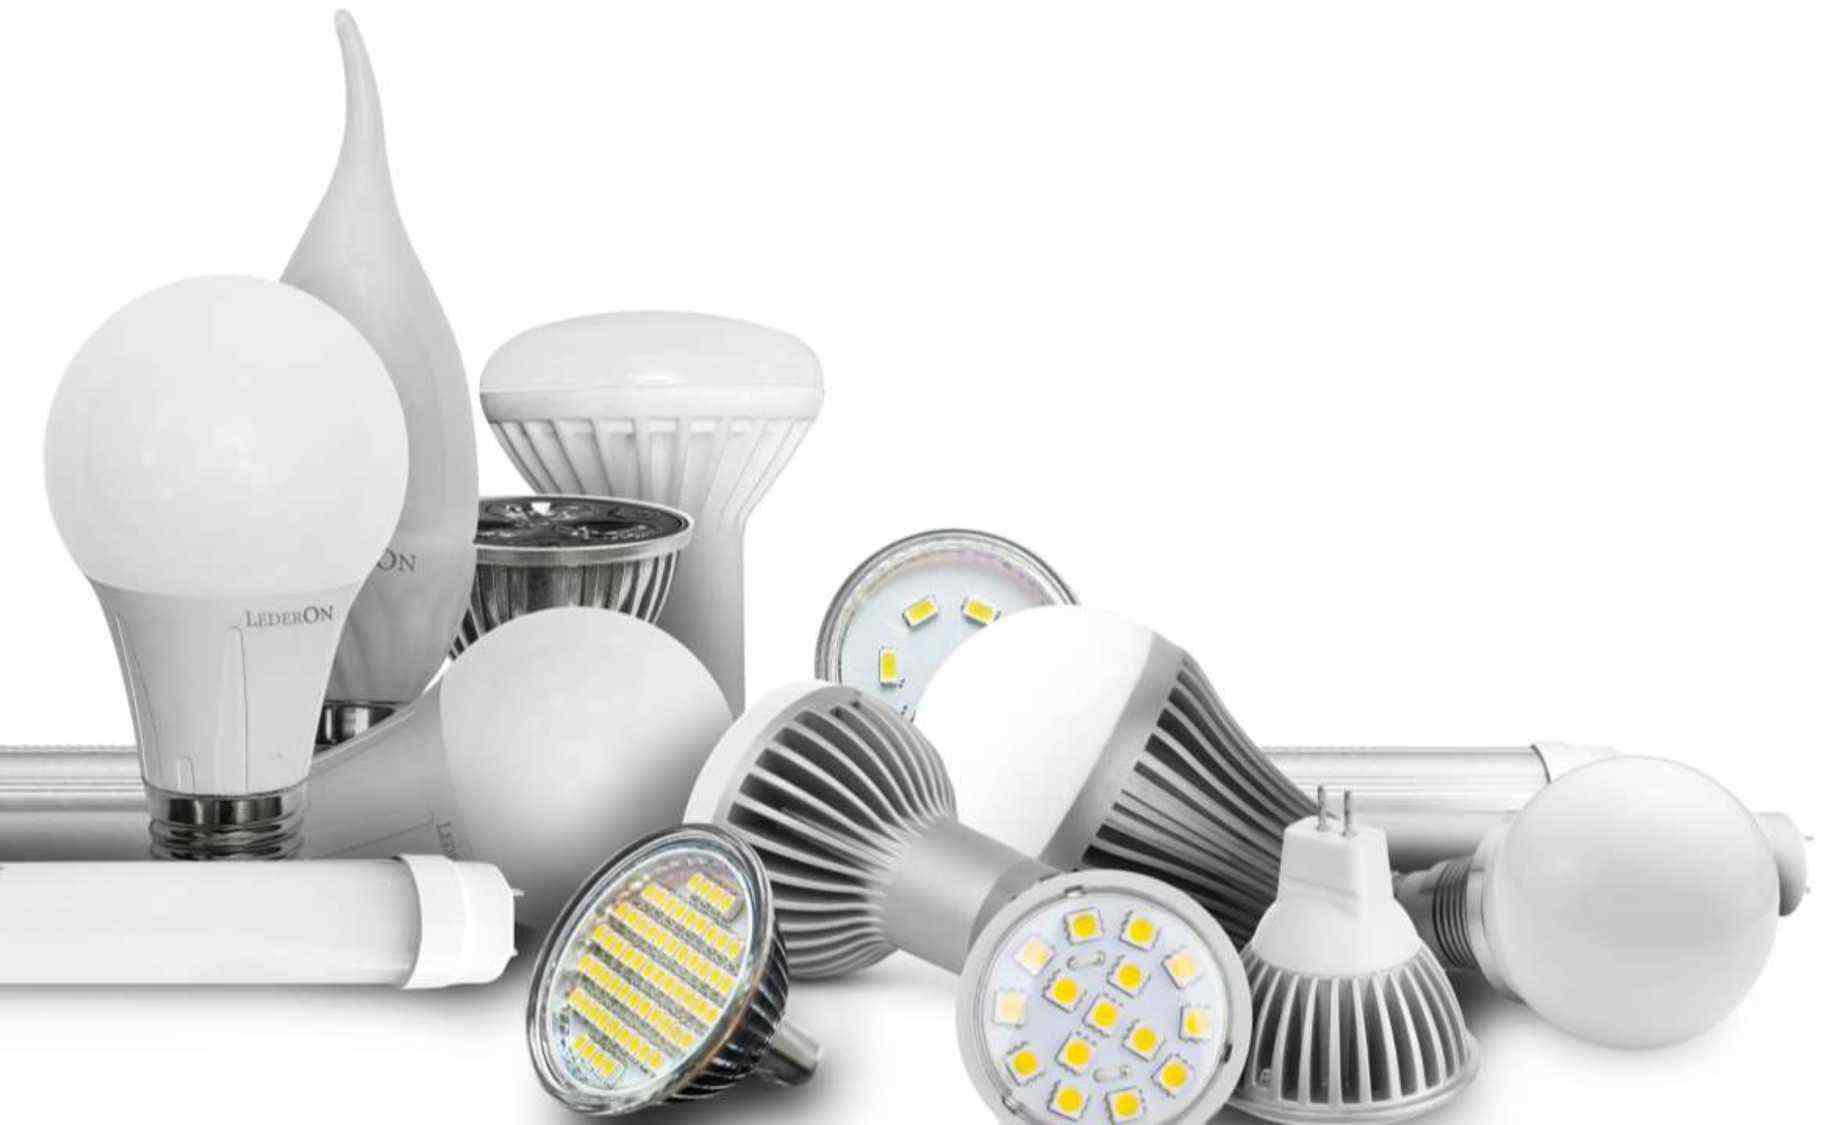 Светодиодные лампы, светодиодная лента, светильники настольные и декоративные, звонки, сетевые фильтры, споты, фонарики 17